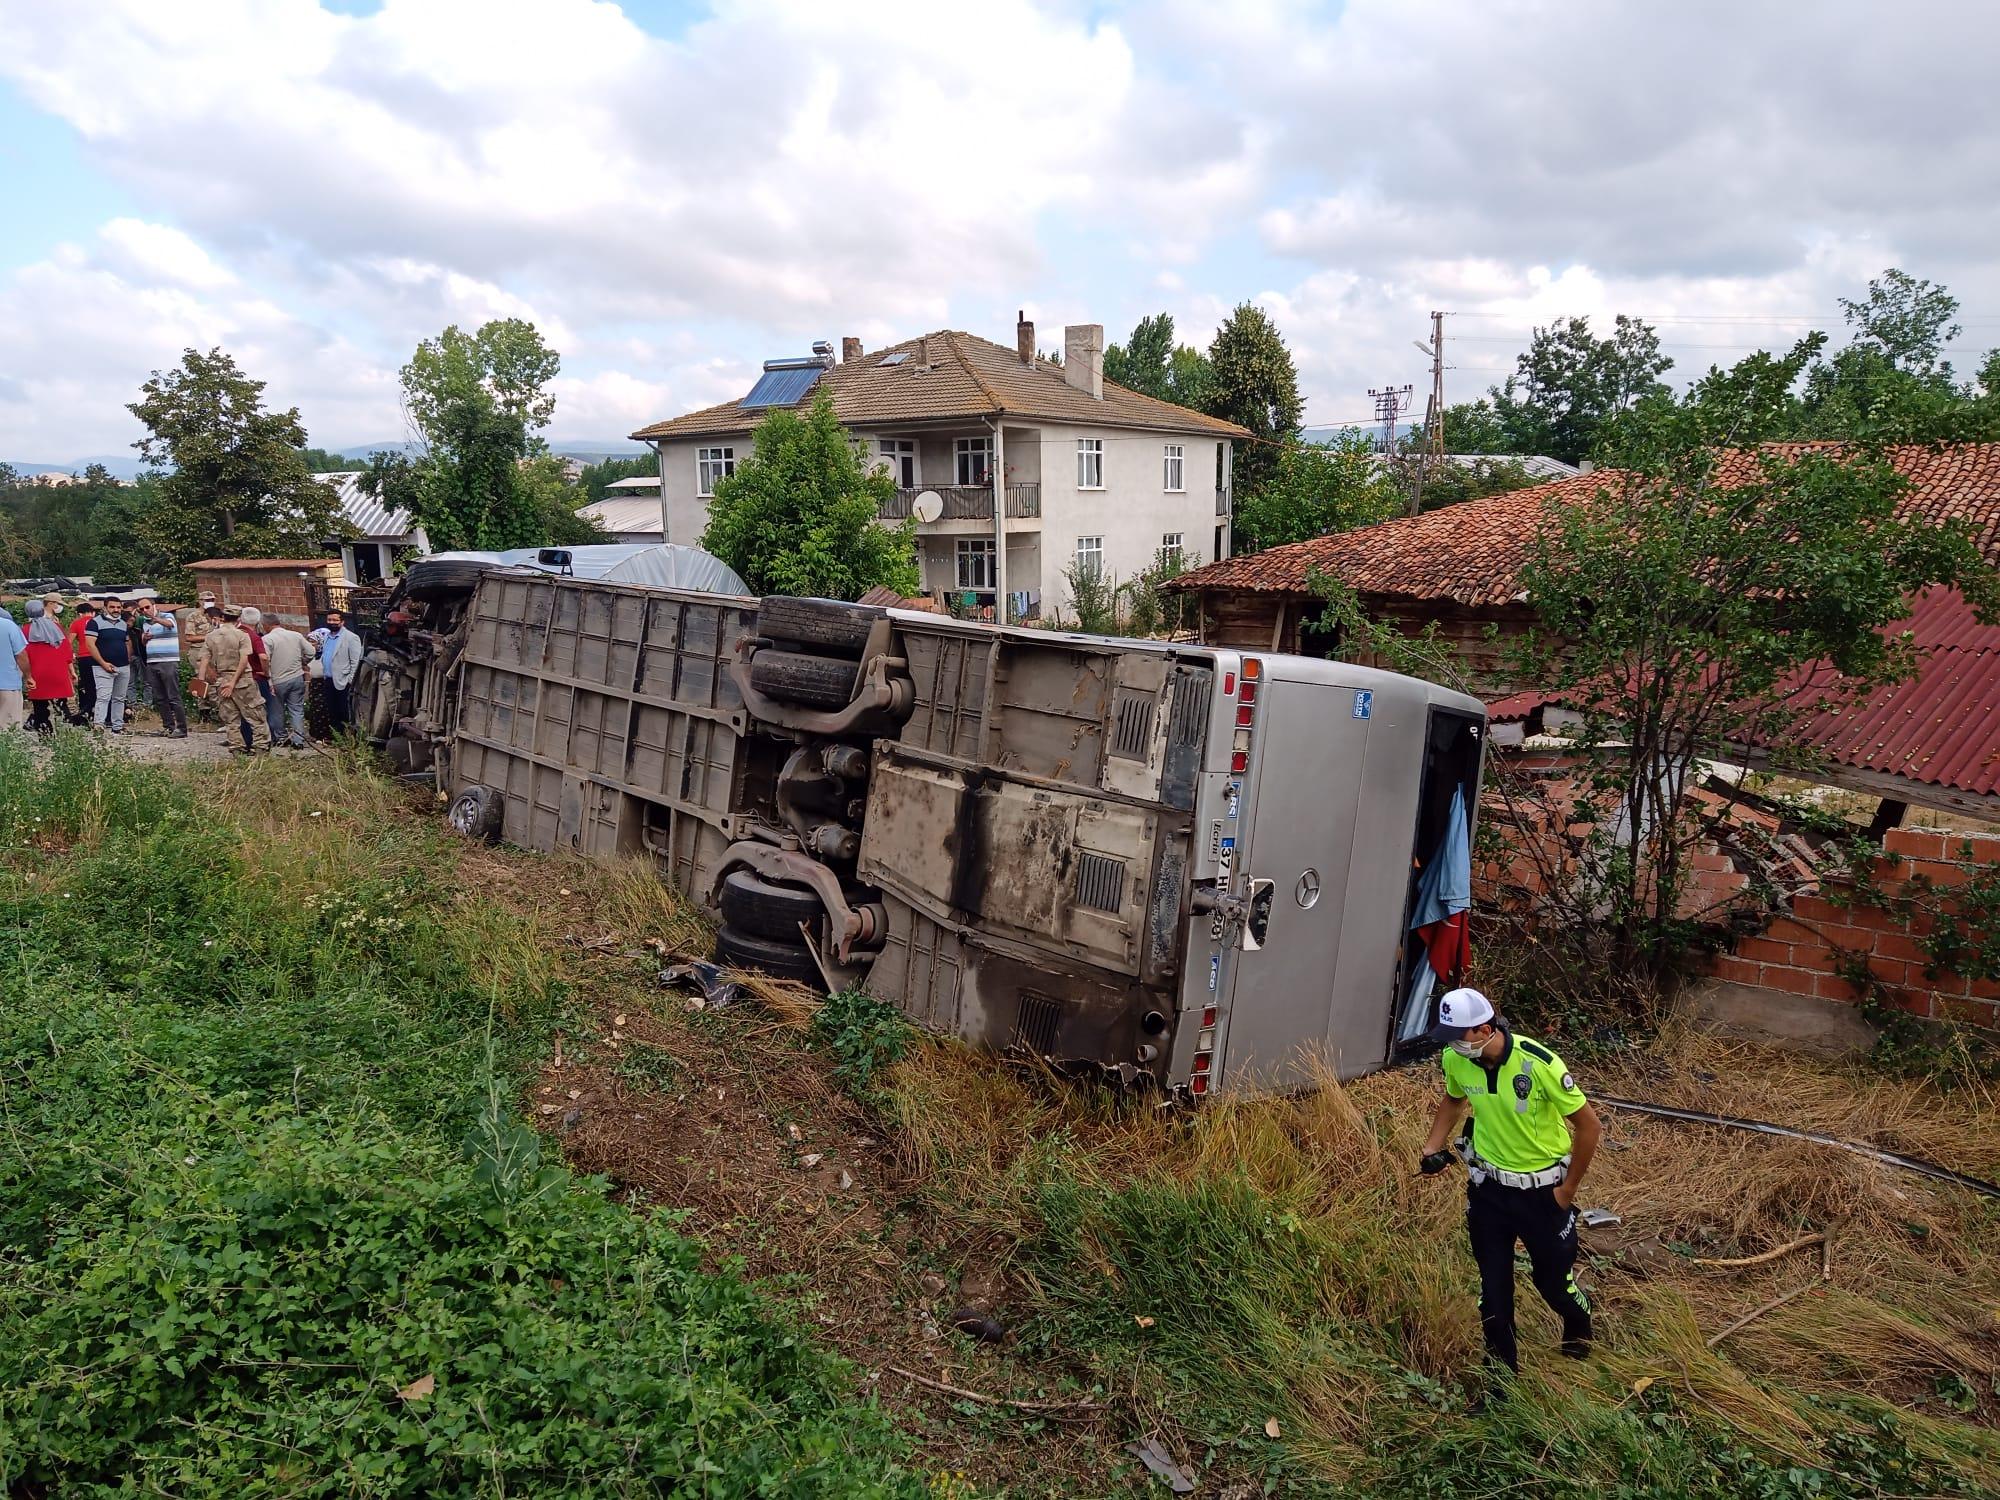 إصـ .ـابة 21 شخص بجـ .ـروح خطيرة نتيجة اصـ .ـطدام حافلة ركاب بسيارة في كاستامونو (فيديو)